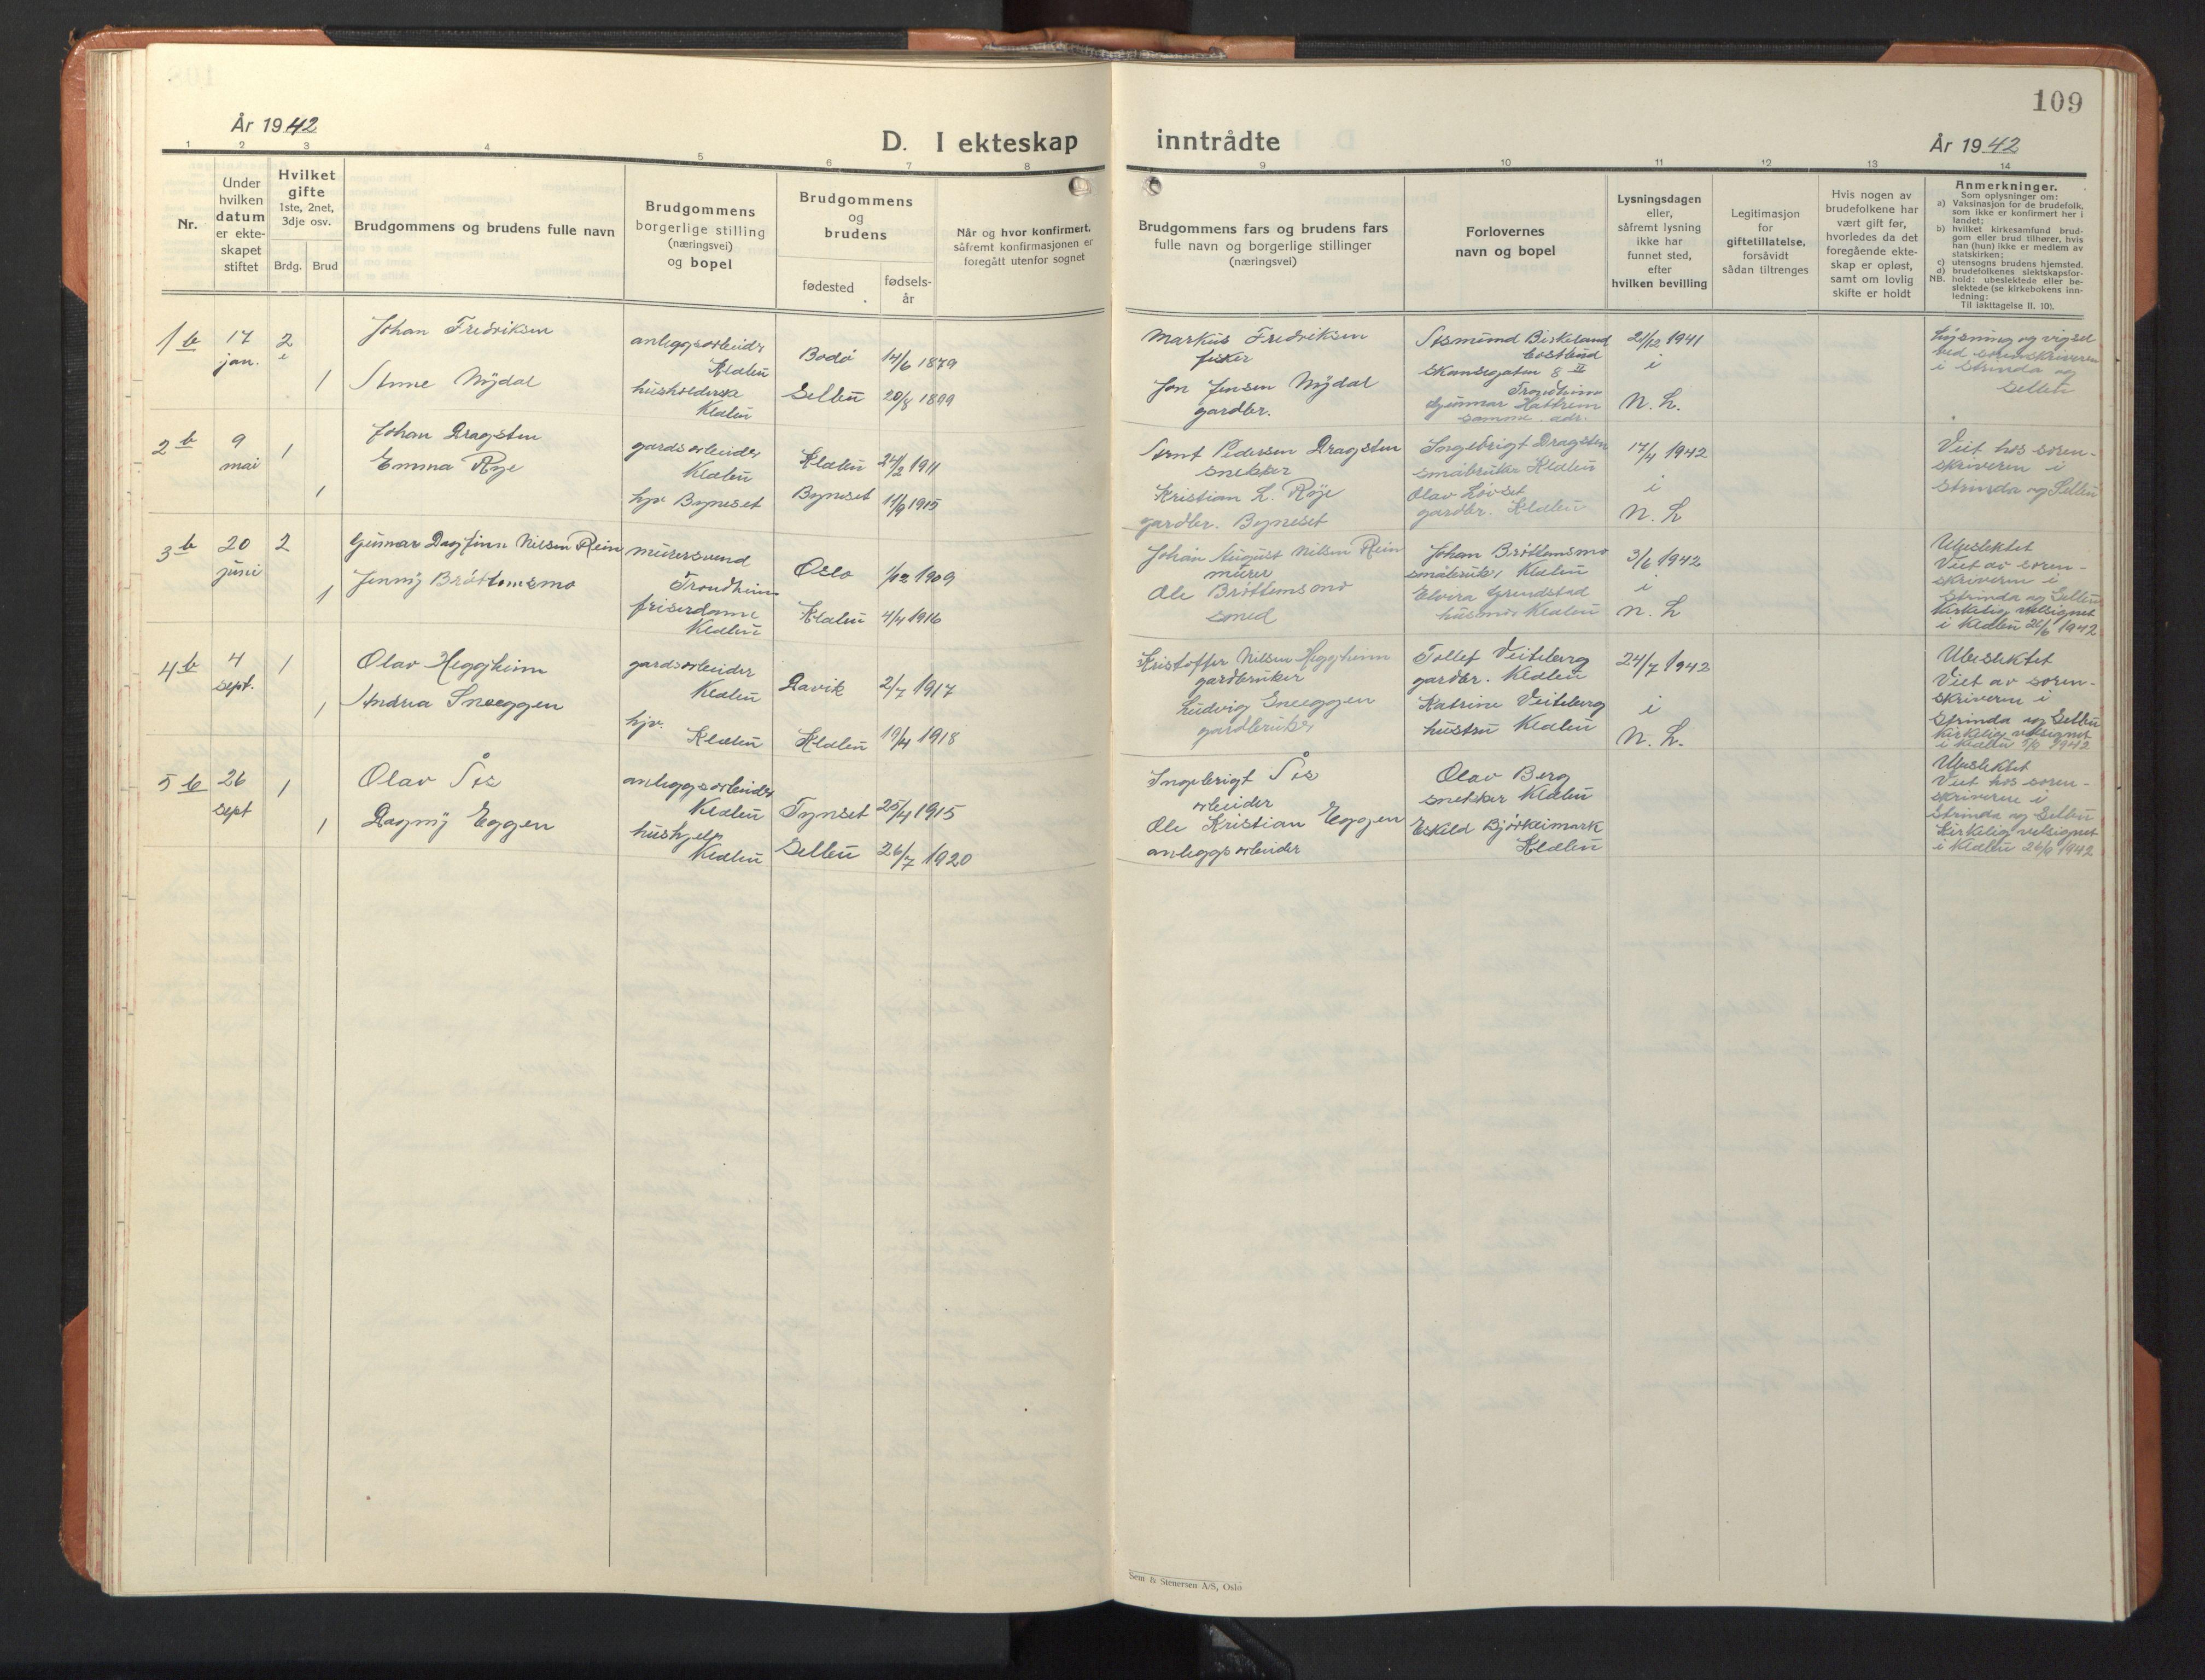 SAT, Ministerialprotokoller, klokkerbøker og fødselsregistre - Sør-Trøndelag, 618/L0454: Klokkerbok nr. 618C05, 1926-1946, s. 109